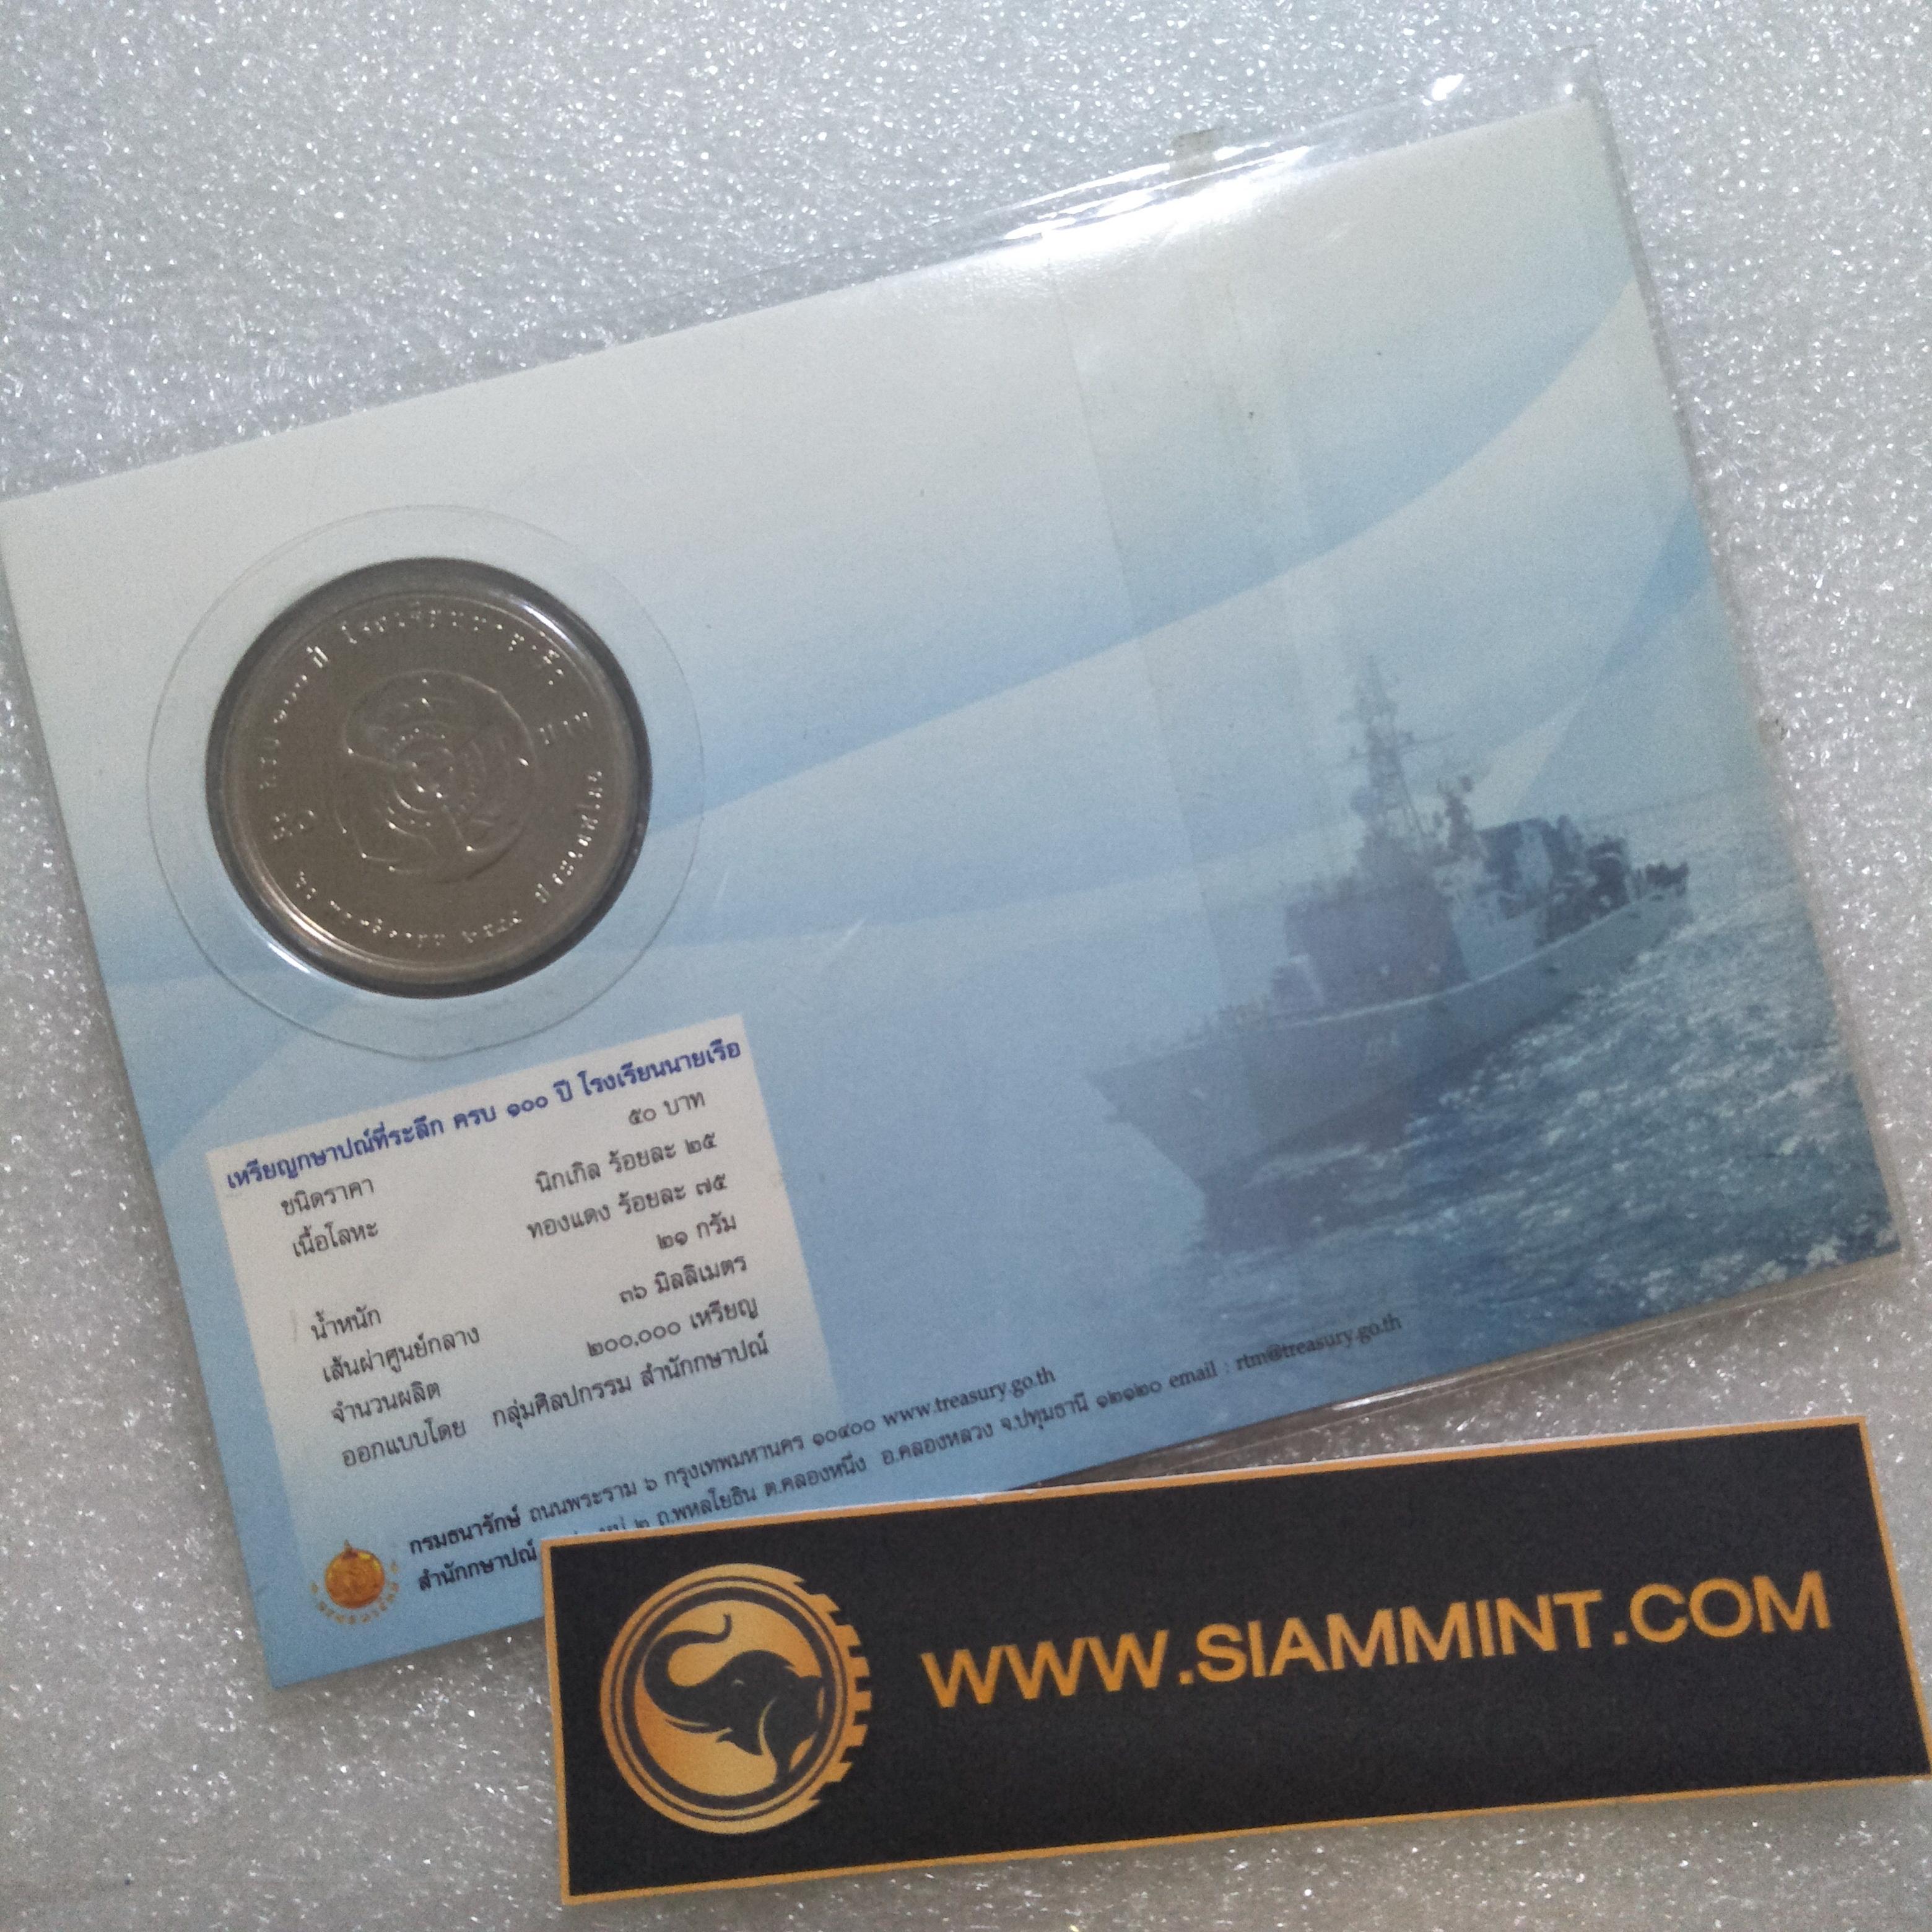 แพคเหรียญกษาปณ์ที่ระลึก ครบ 100 ปี โรงเรียนนายเรือ ปี 2549